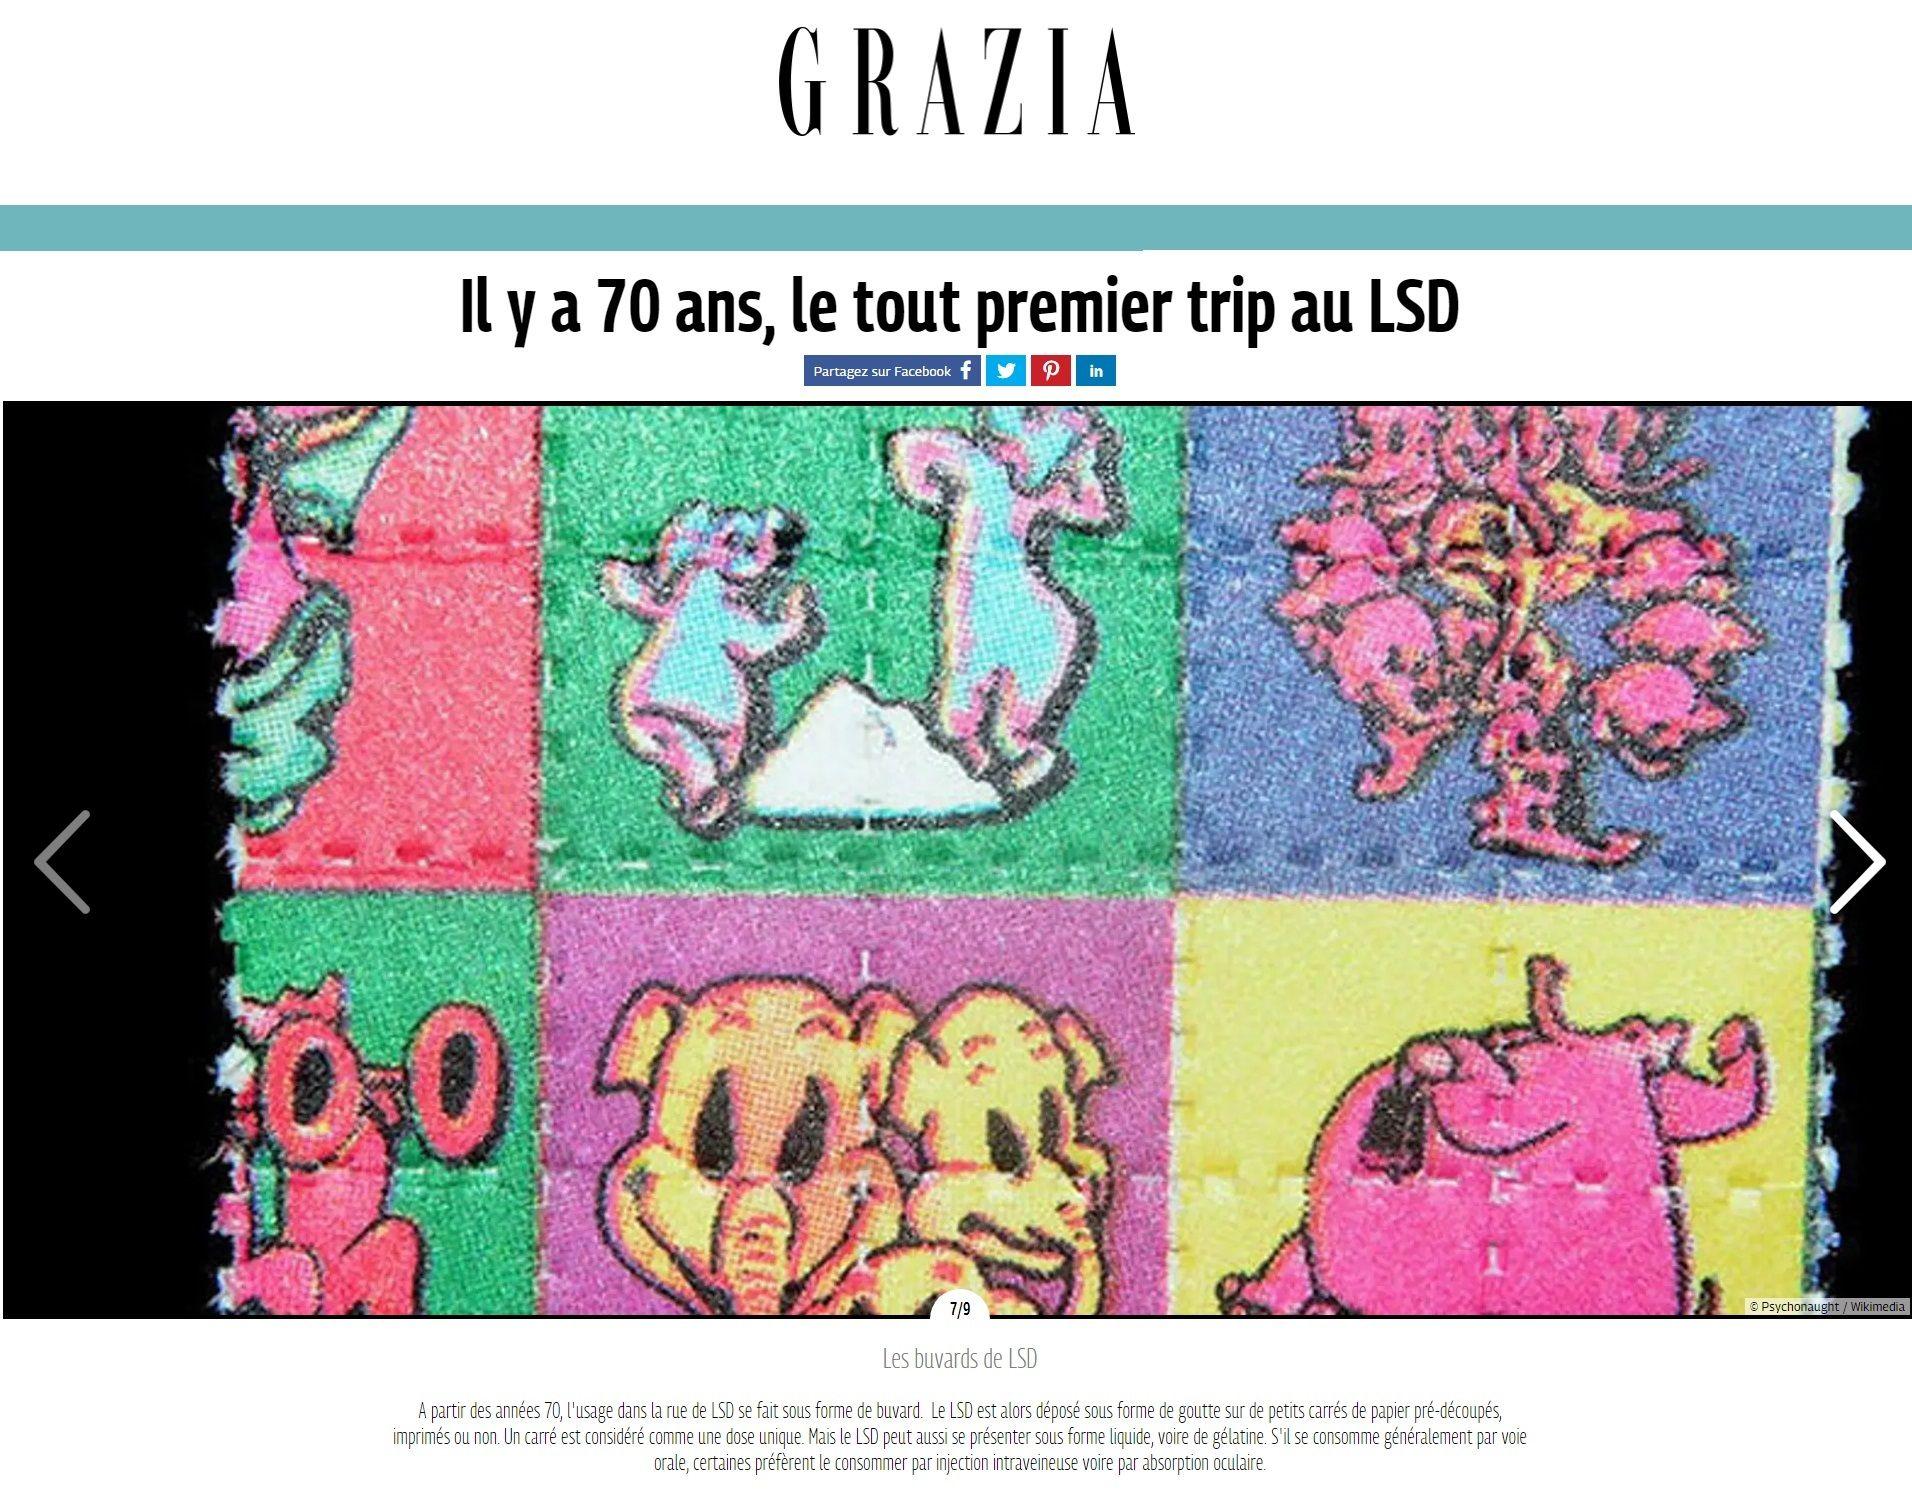 La revista Grazia de Francia la utilizó en 2013